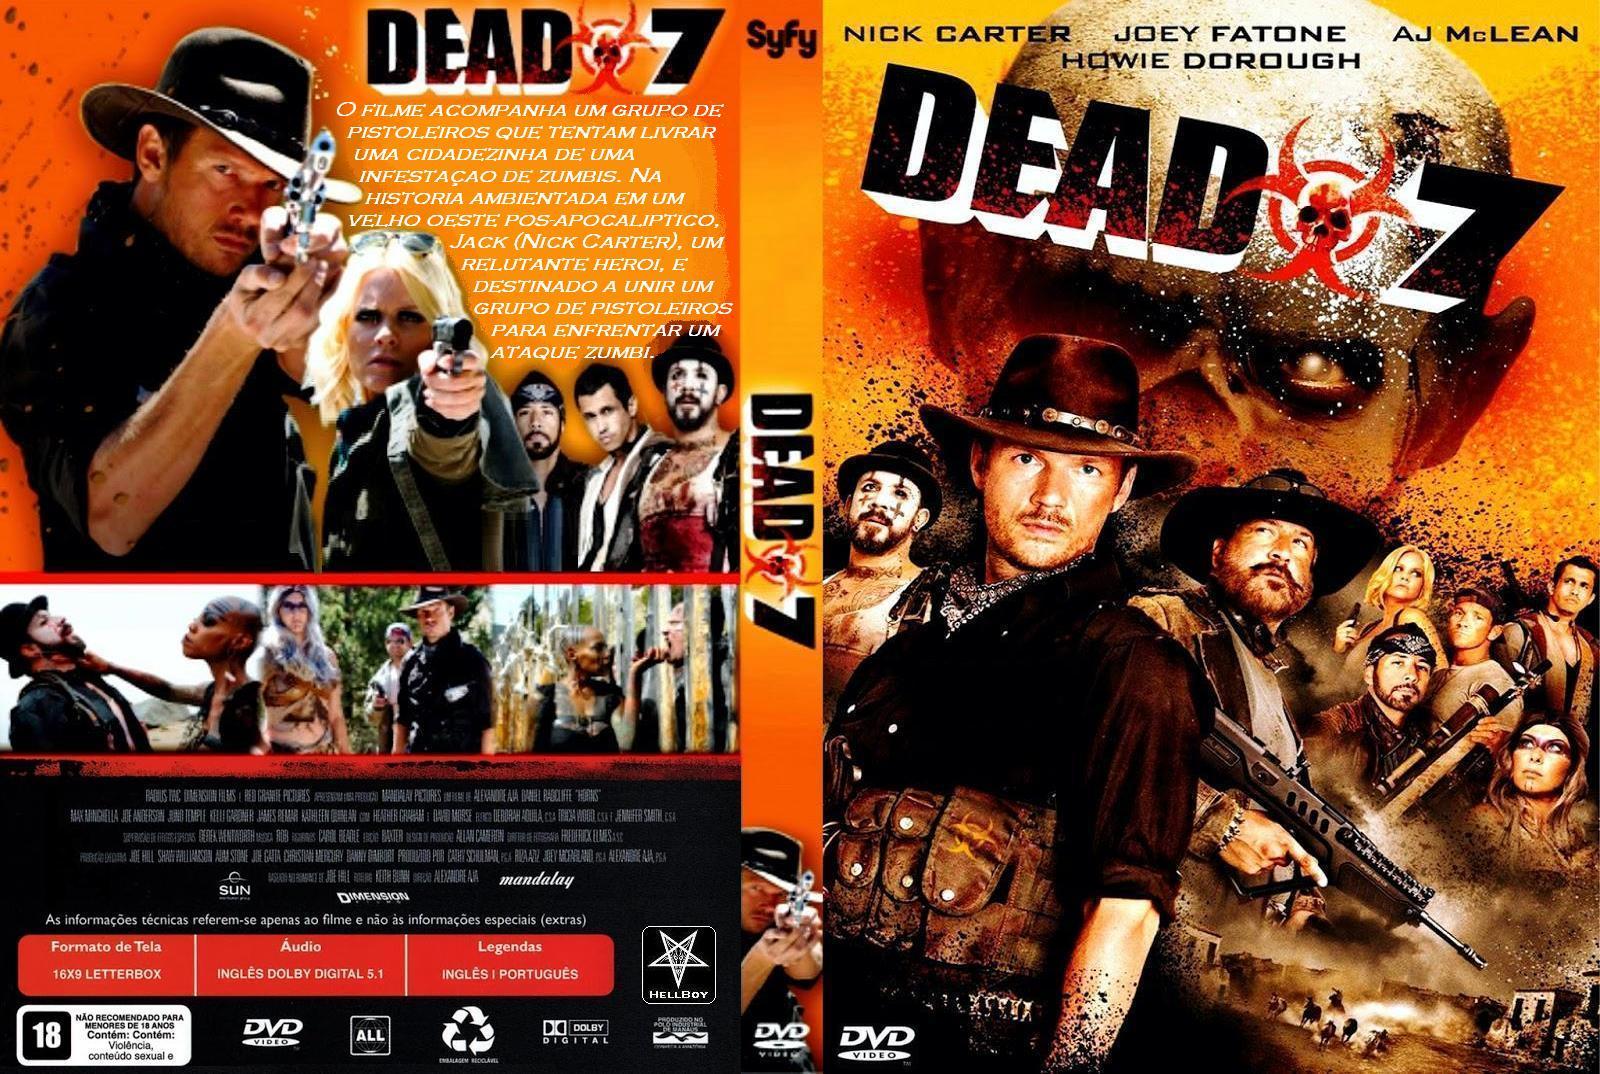 Download Dead 7 BDRip Dual Áudio